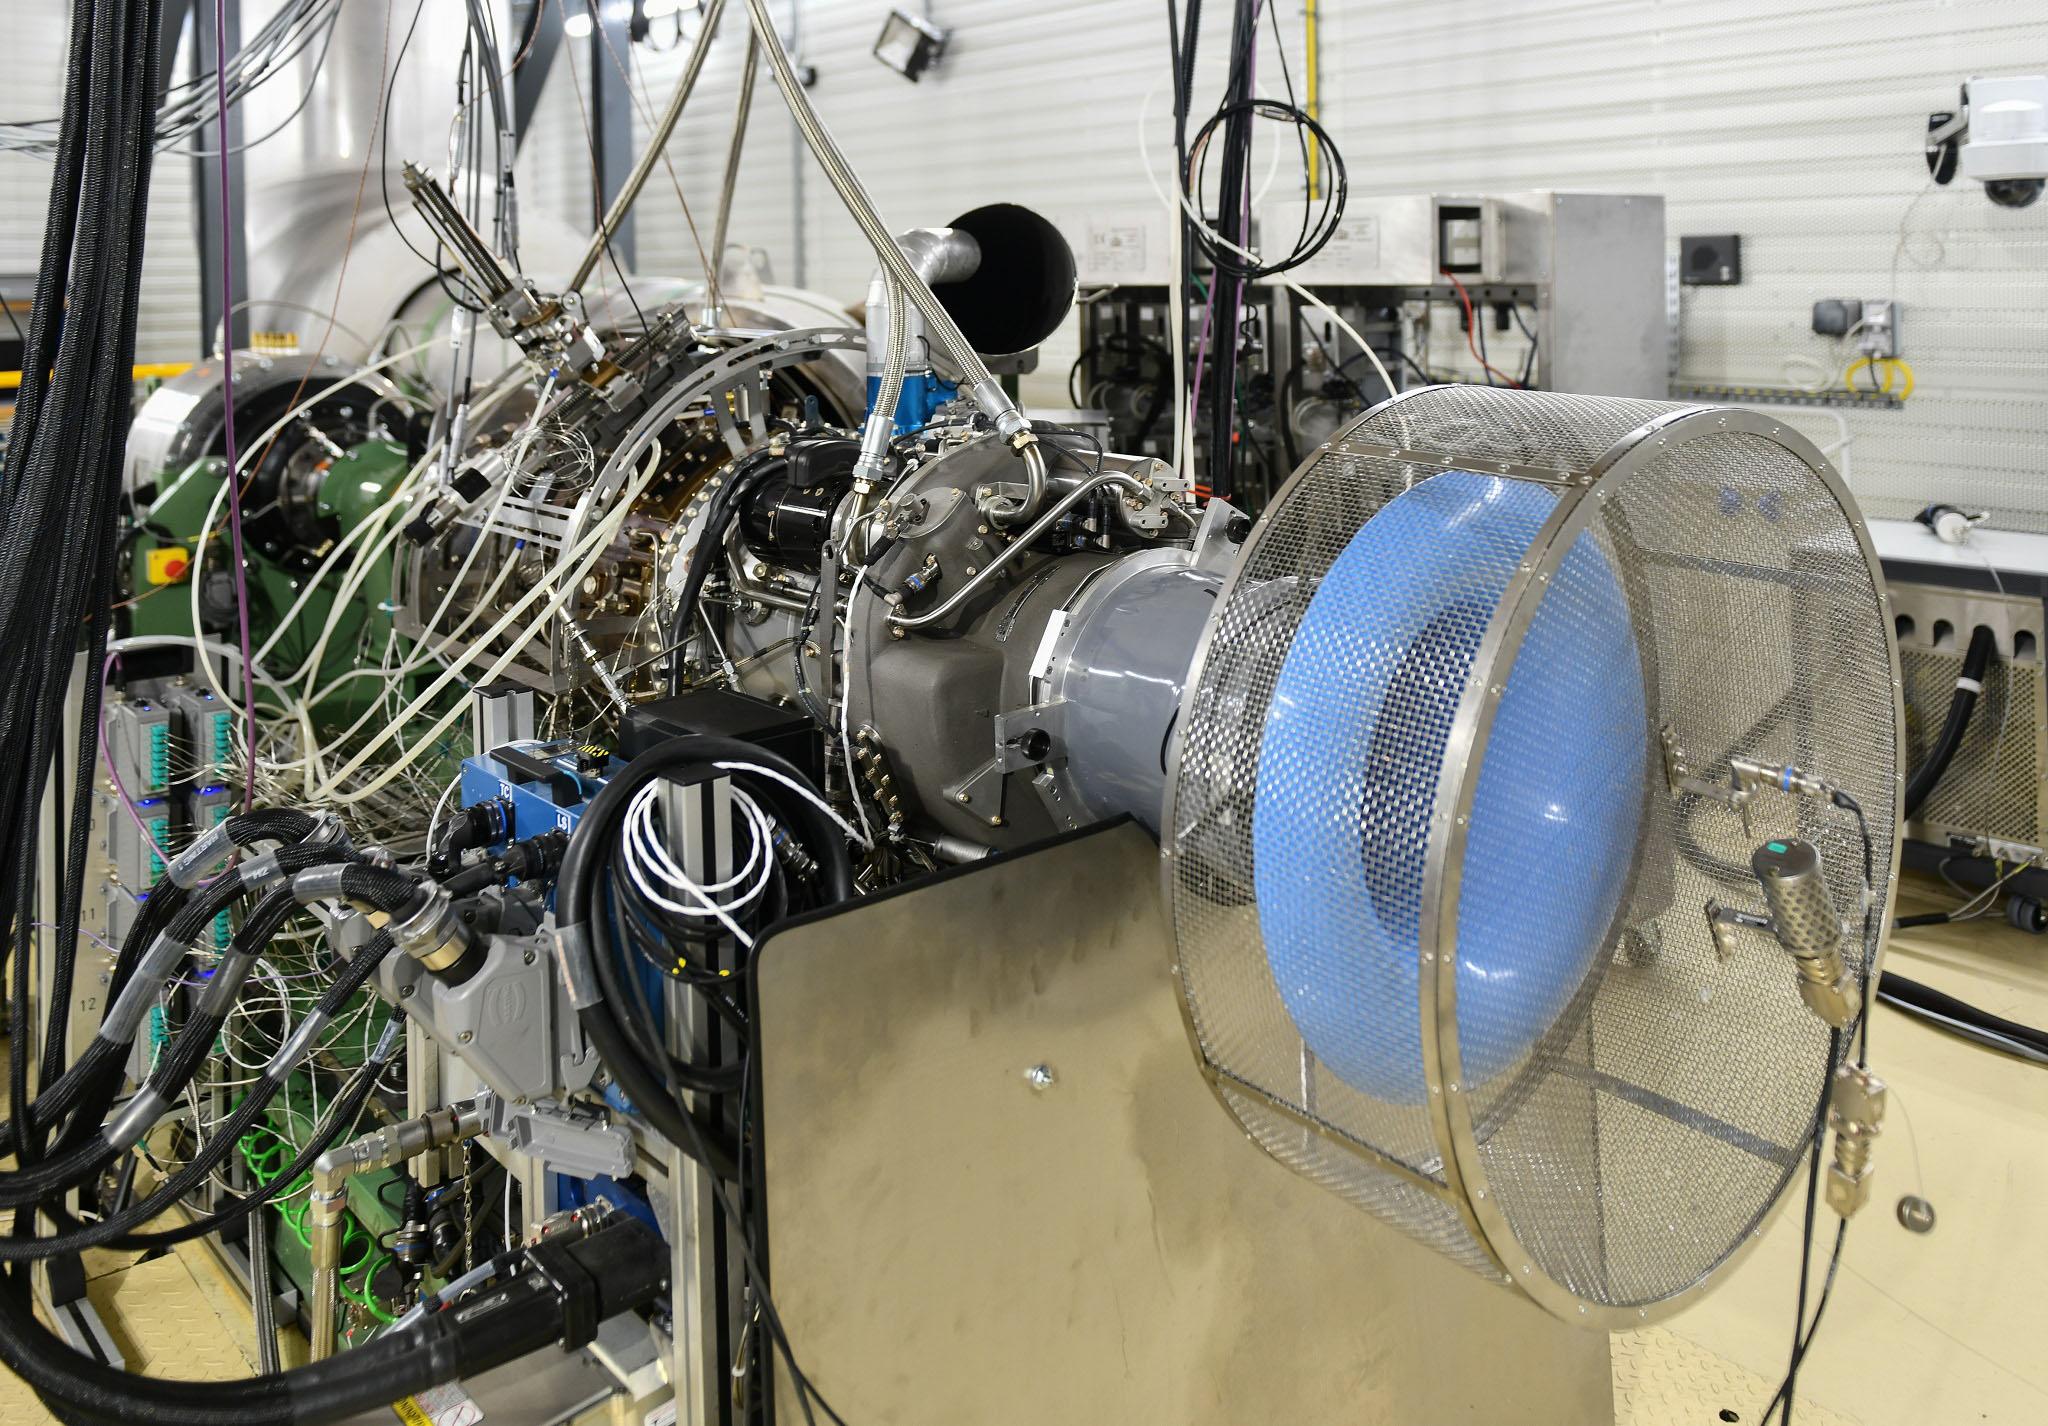 Safran runs helicopter engine on 100% SAF